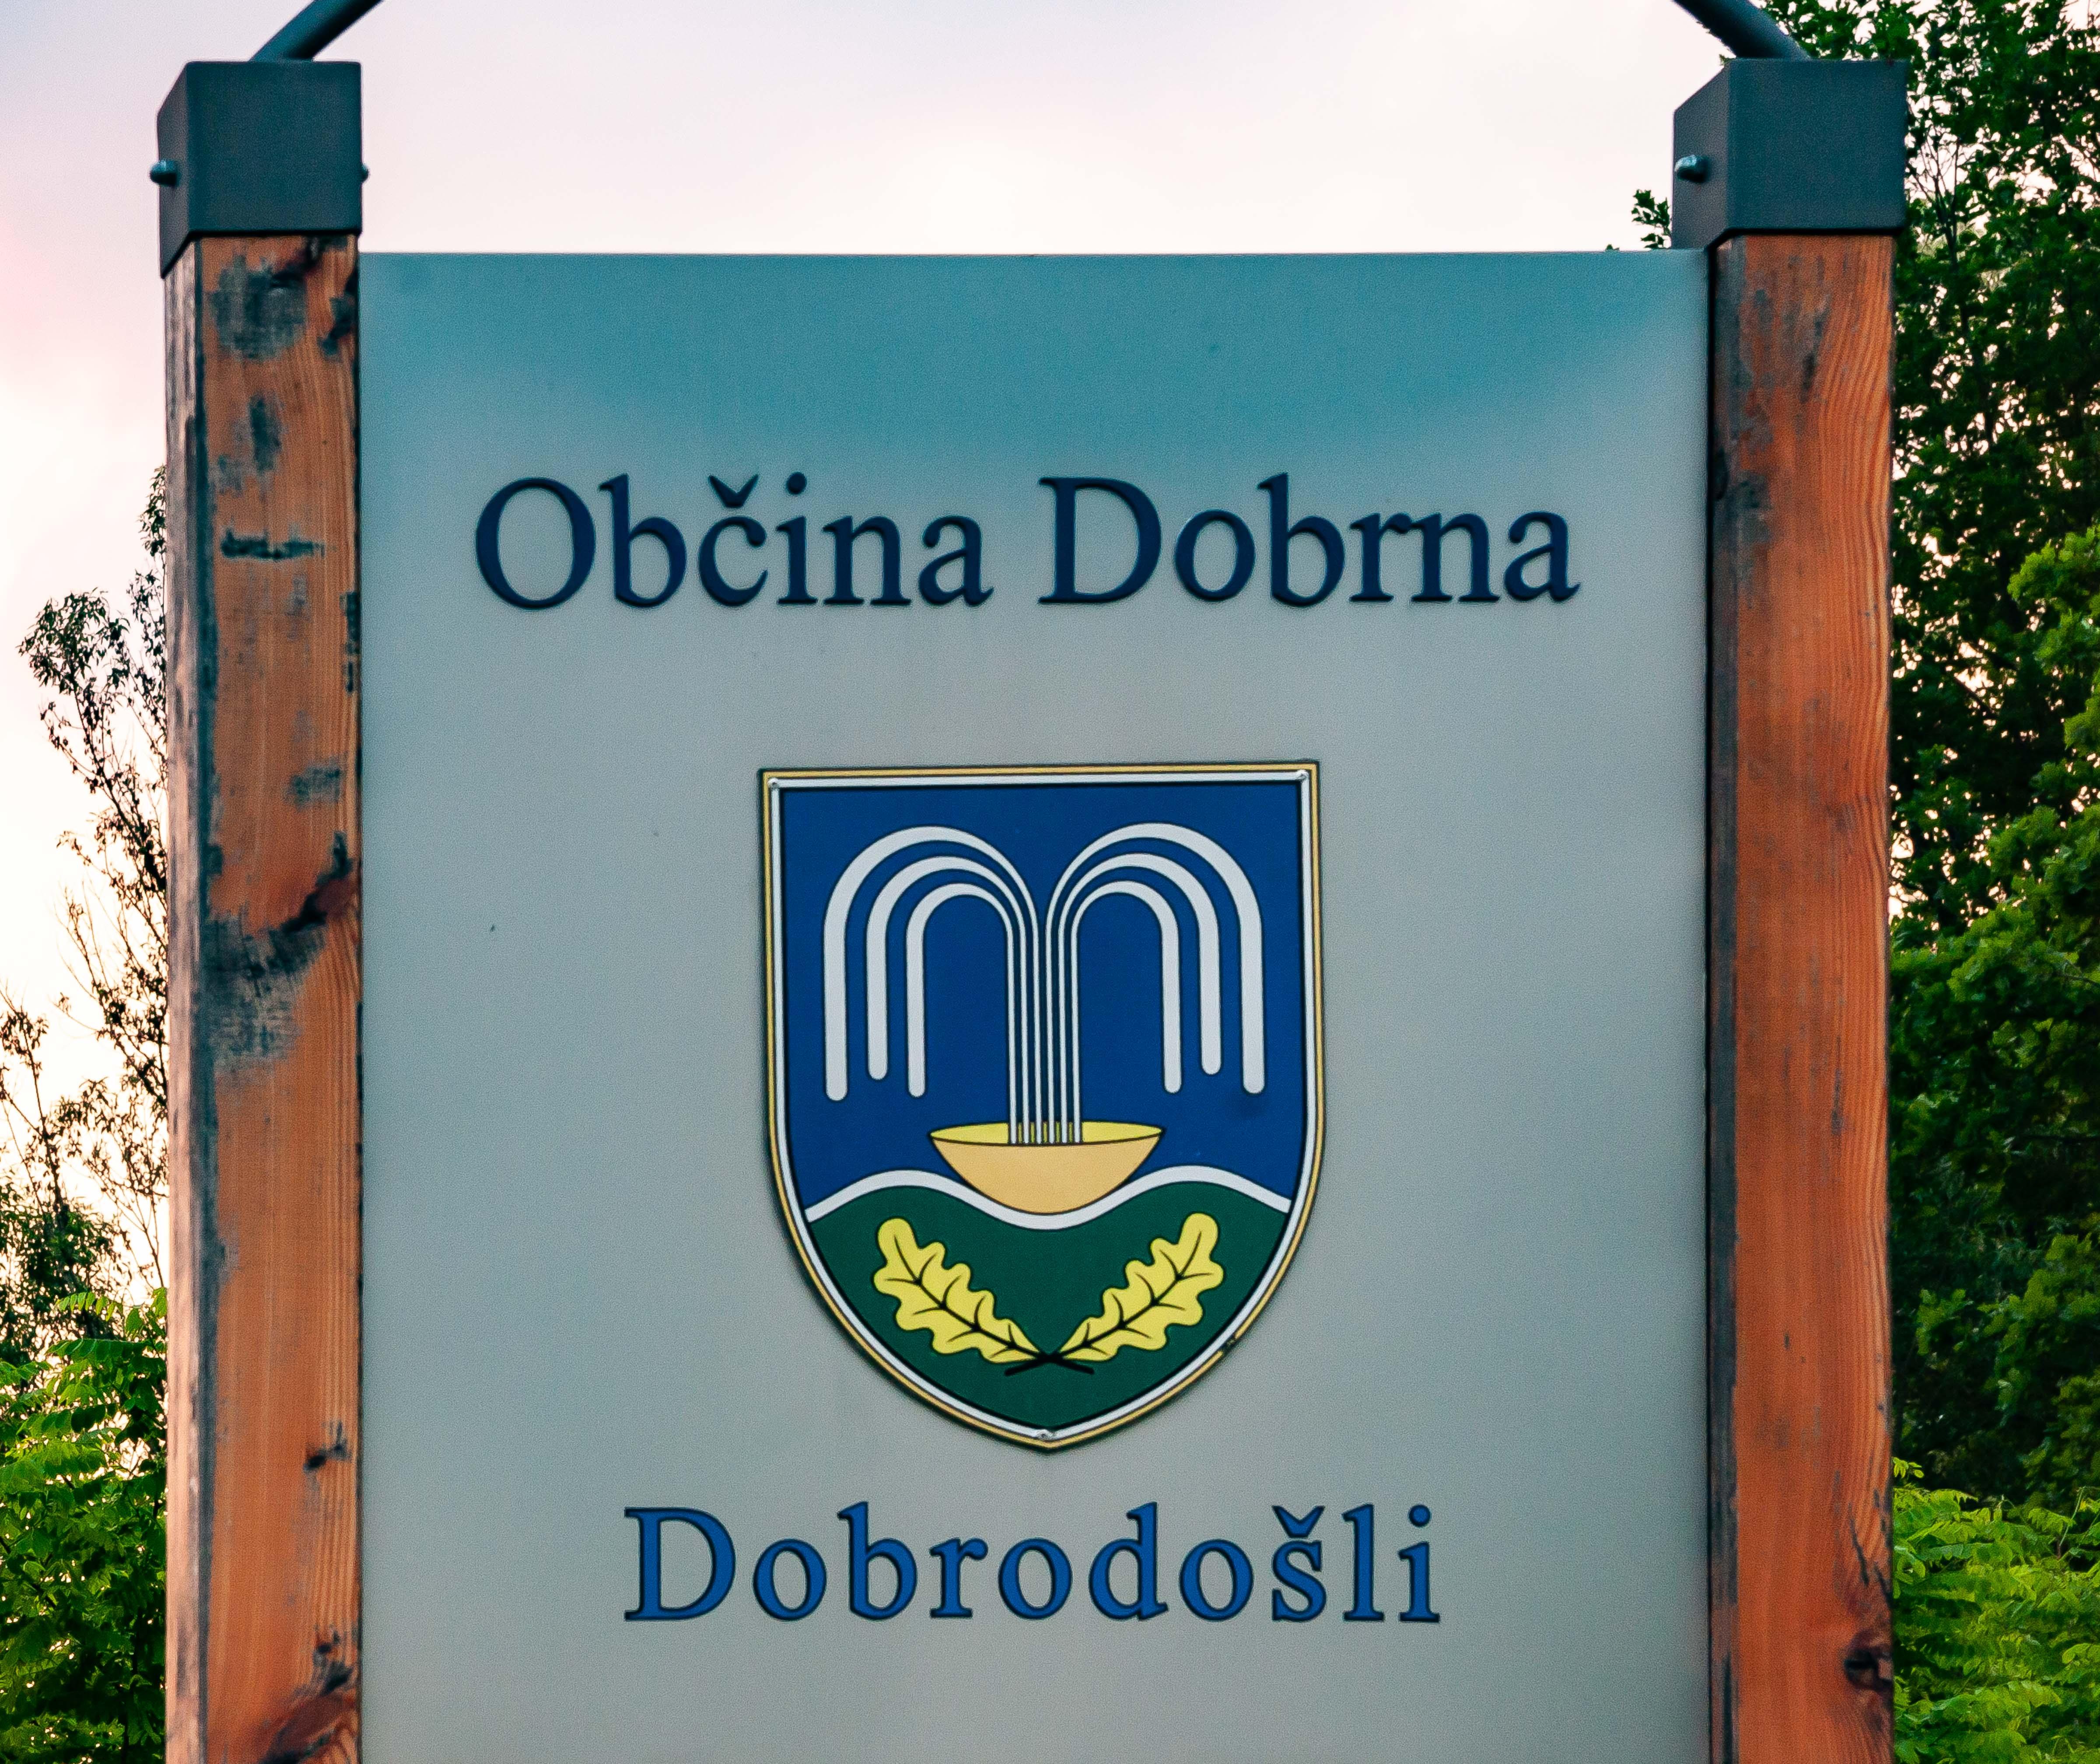 Slovenia, Dobrna Prov, Dobrodosli Obcina Dobrna, 2006, IMG 8062